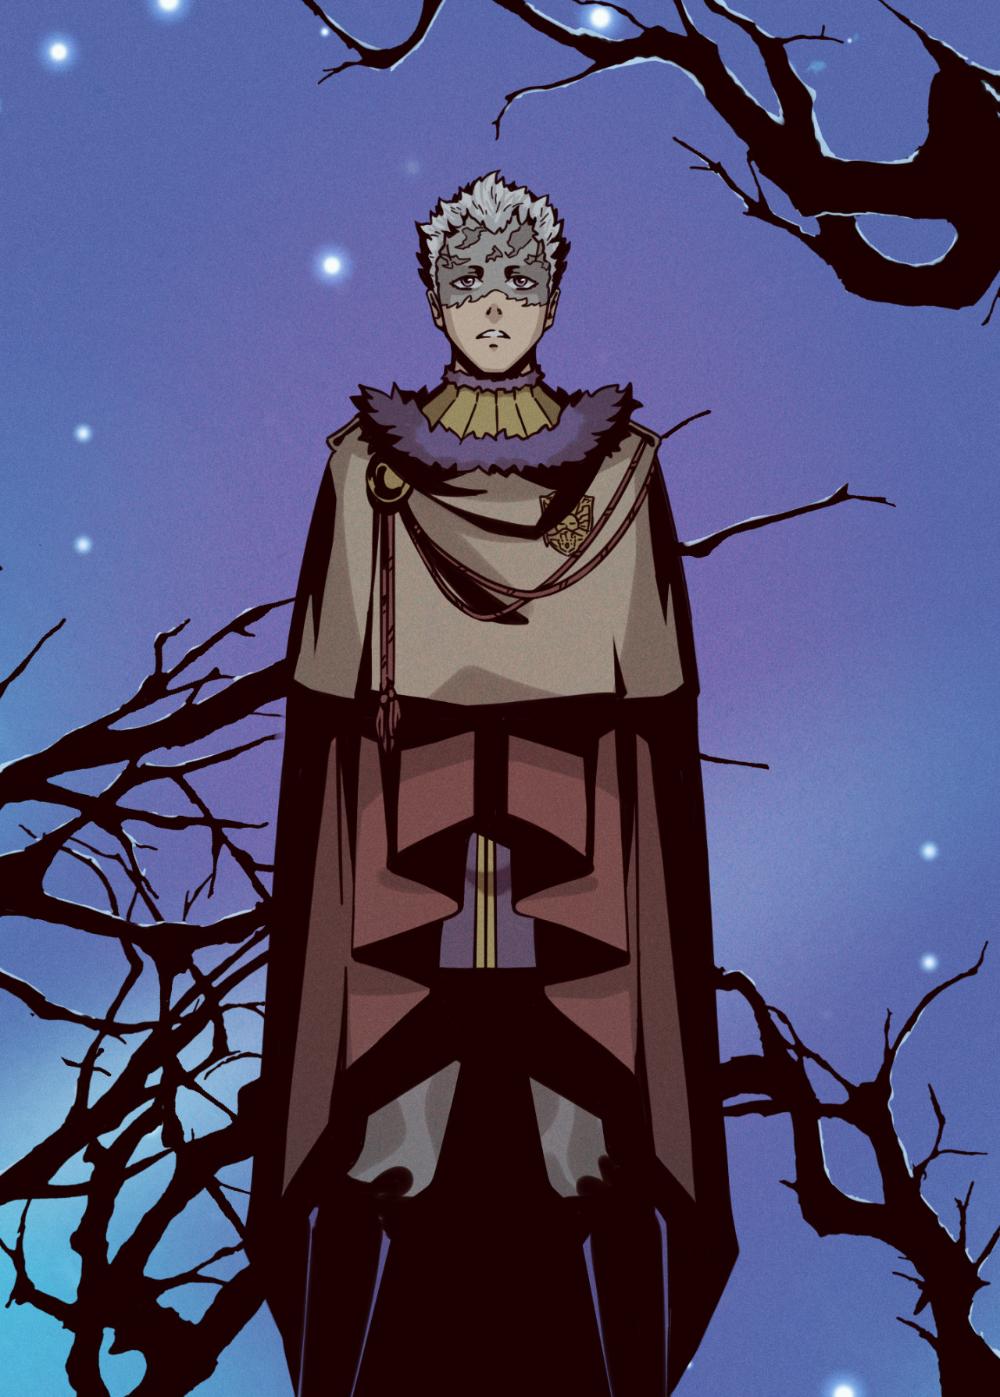 Pin by Carmen on Black Clover in 2020 | Black clover anime ...